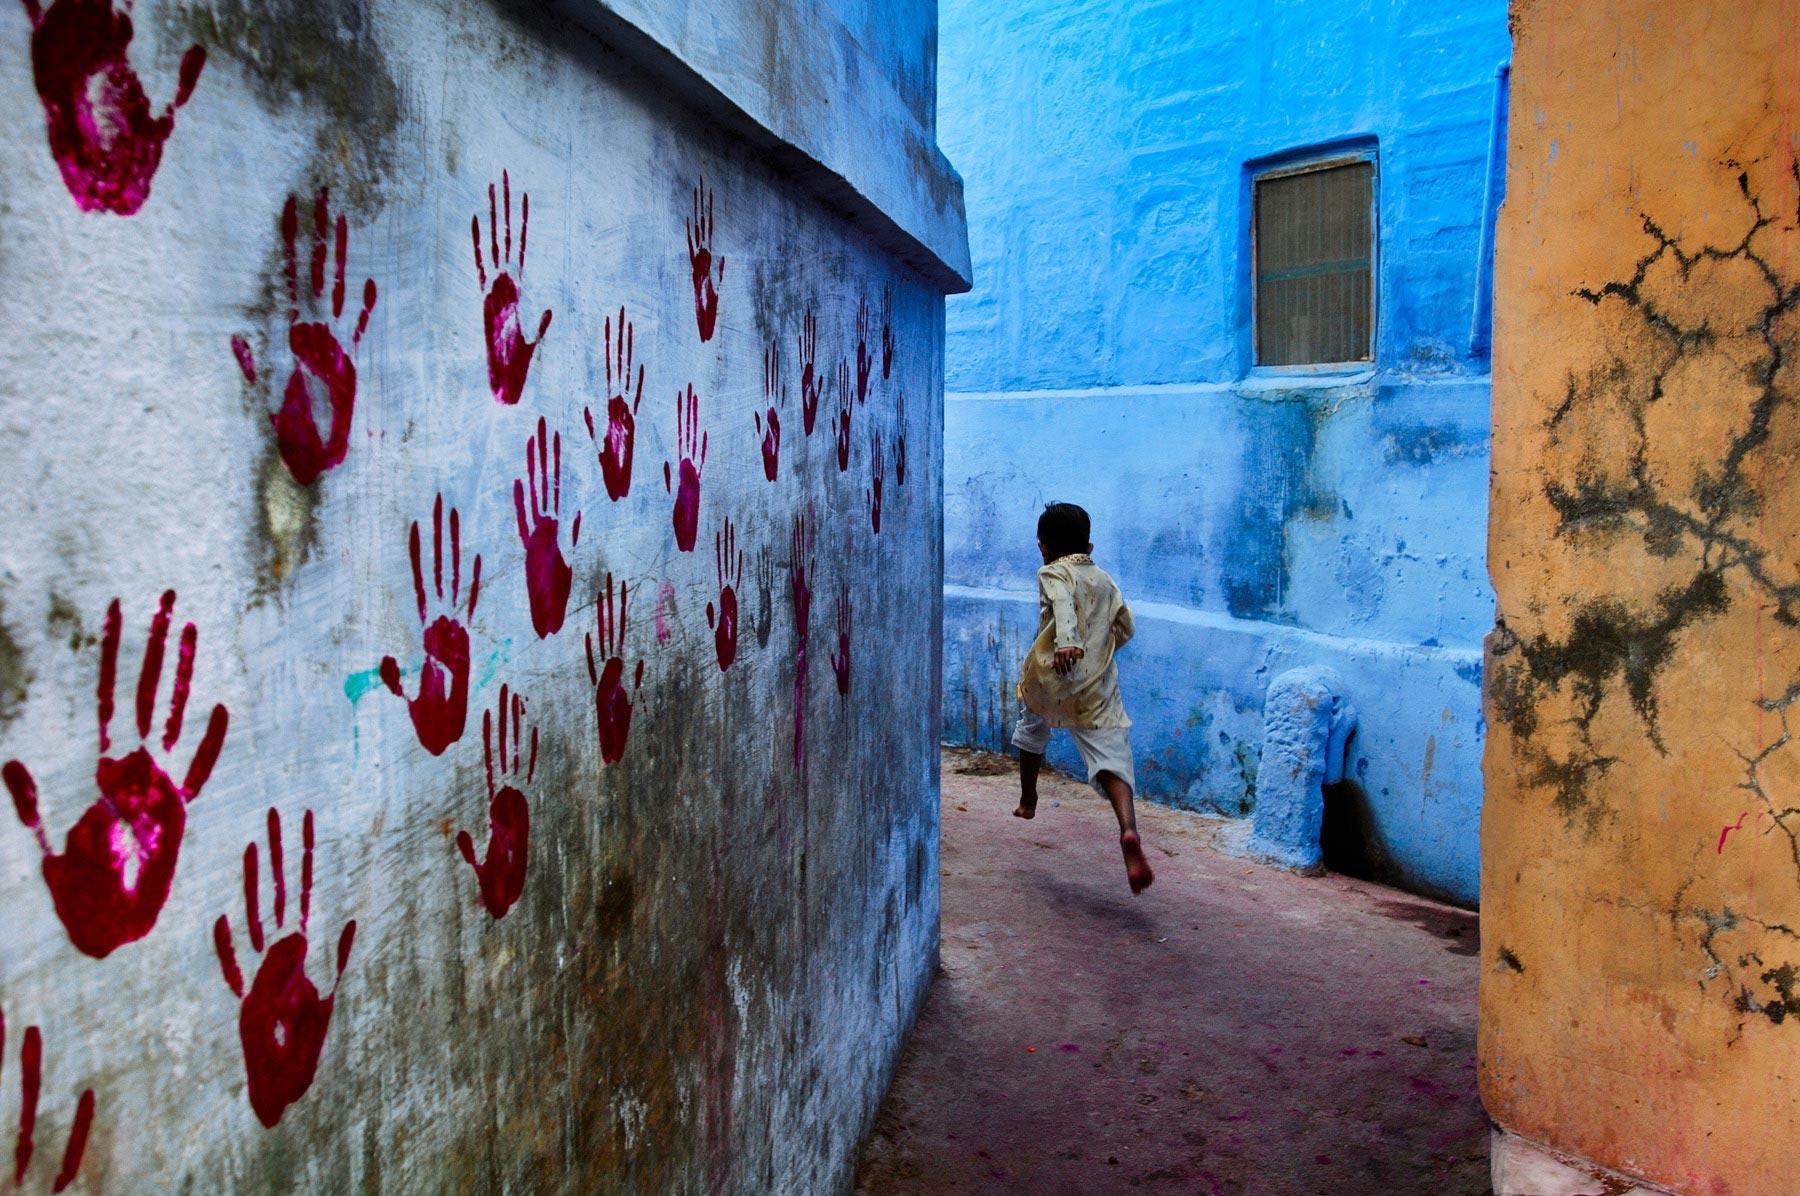 Jodhpur, India - Steve McCurry photography